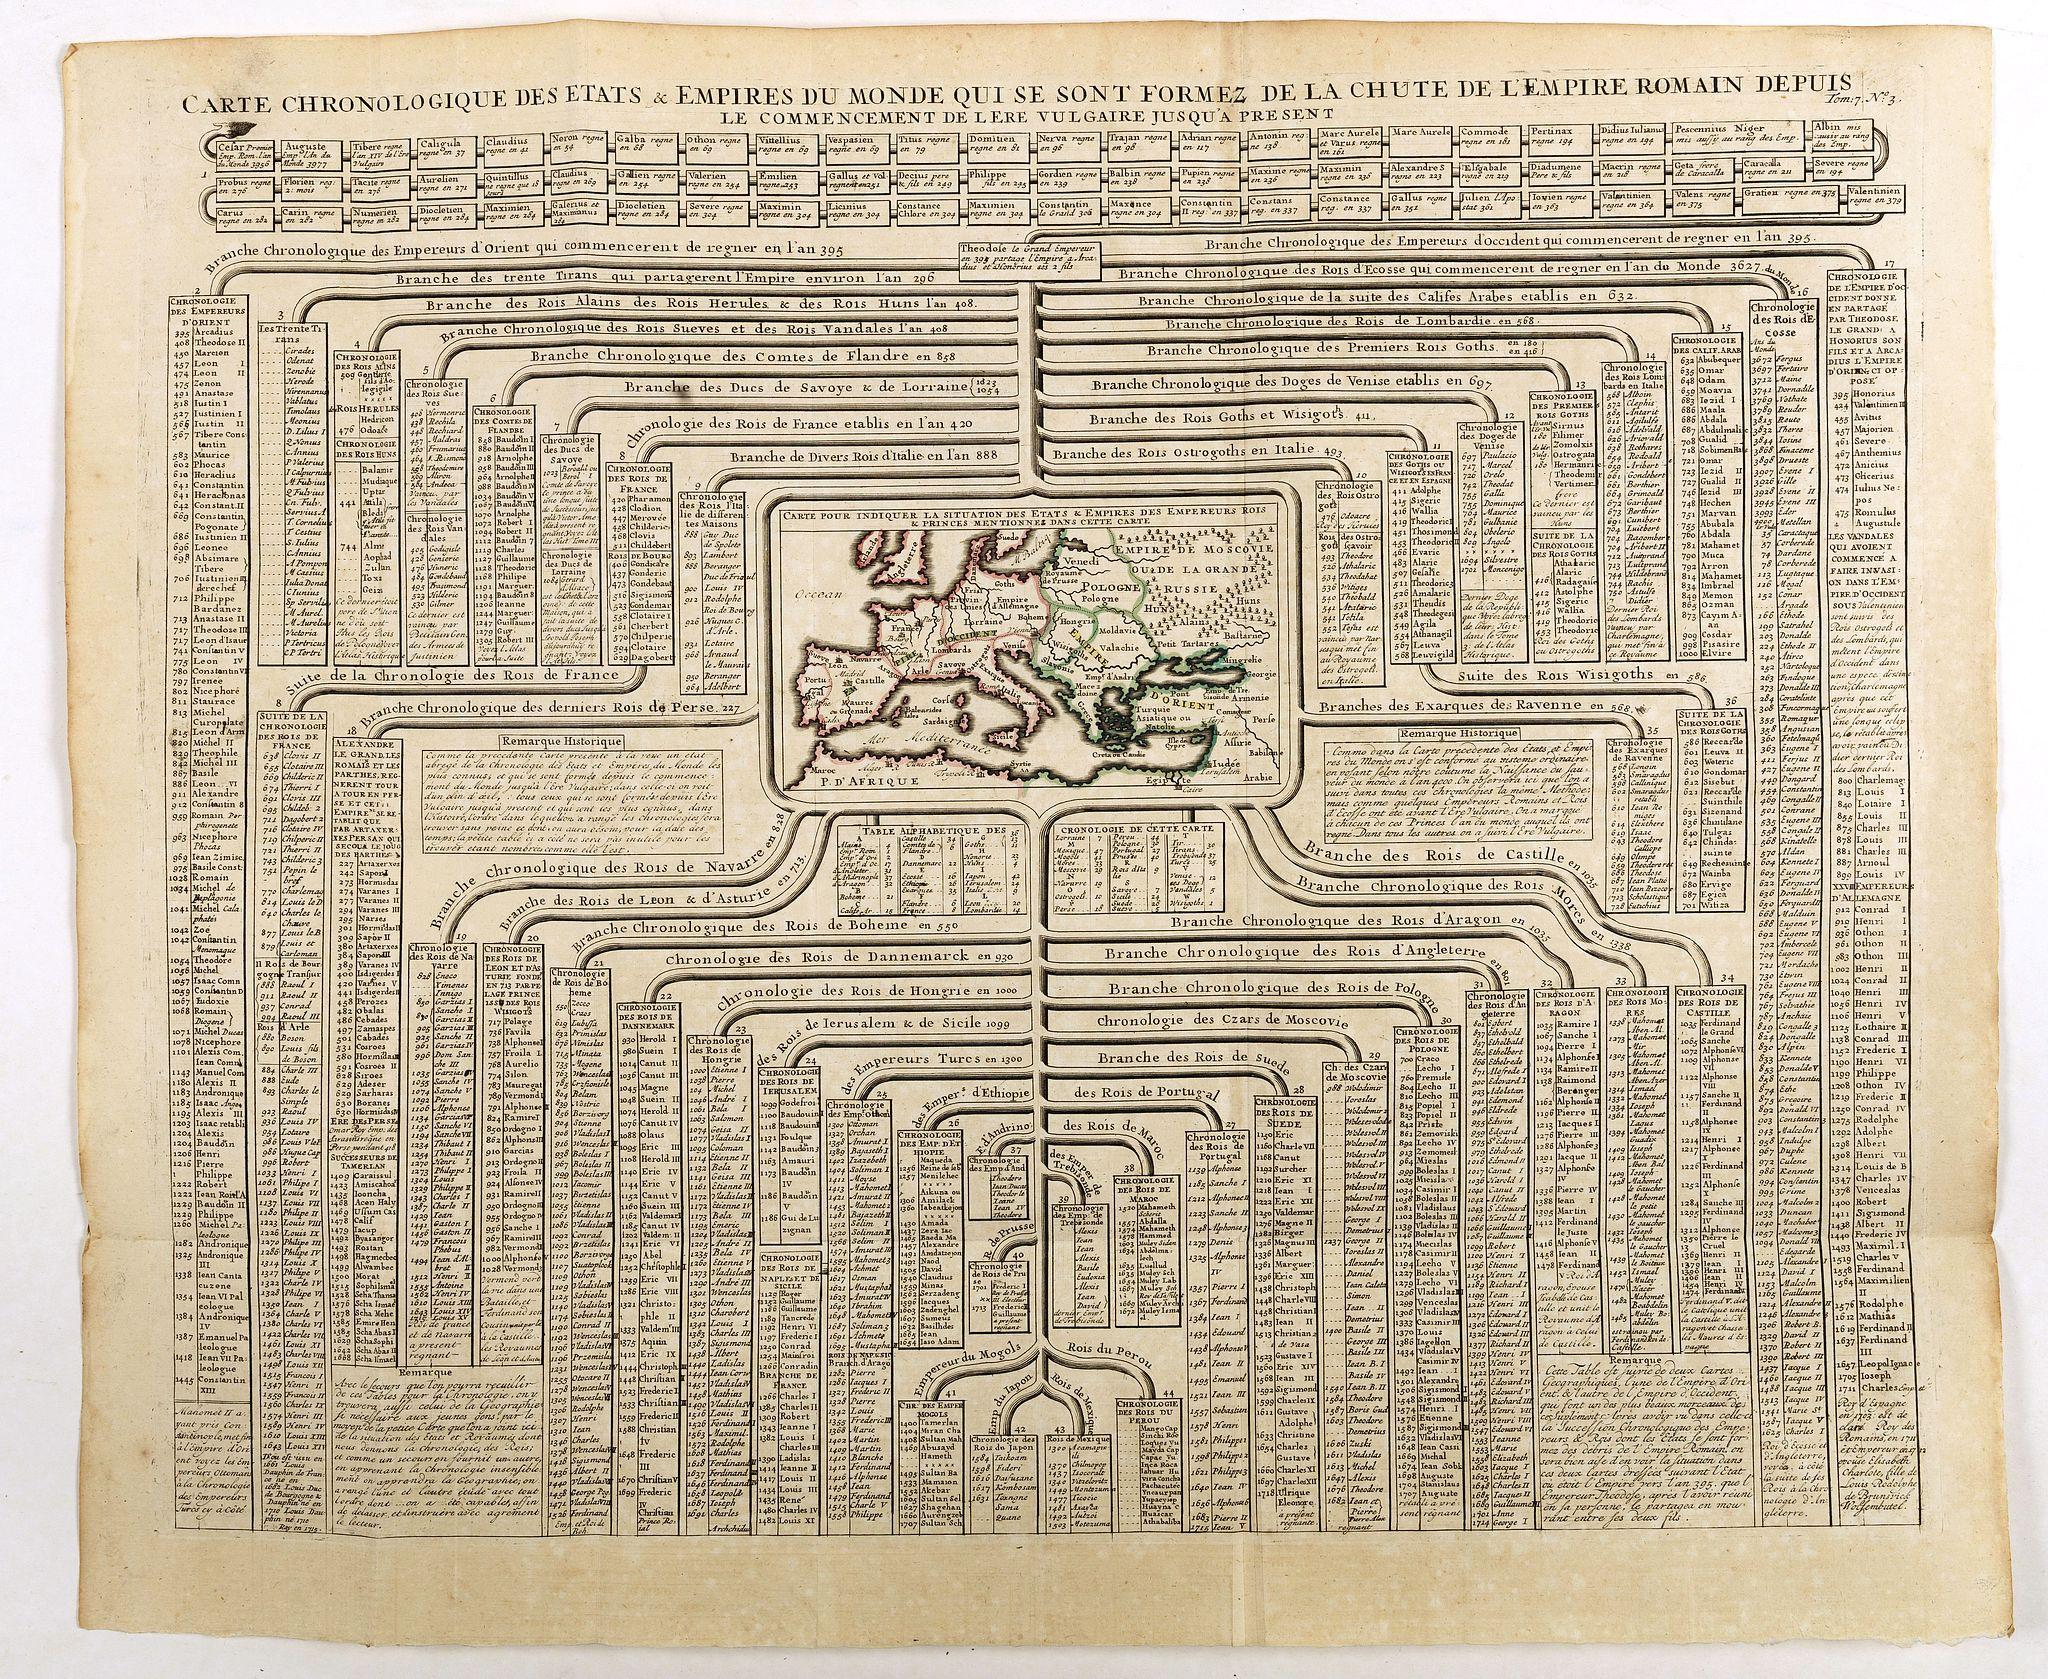 CHATELAIN, H. -  Carte chronologique des etats et empires du monde, qui se sont former de la chute de l'empire romain, depuis le commencement de . . .? Vulgaire, jusqu'a present. . .